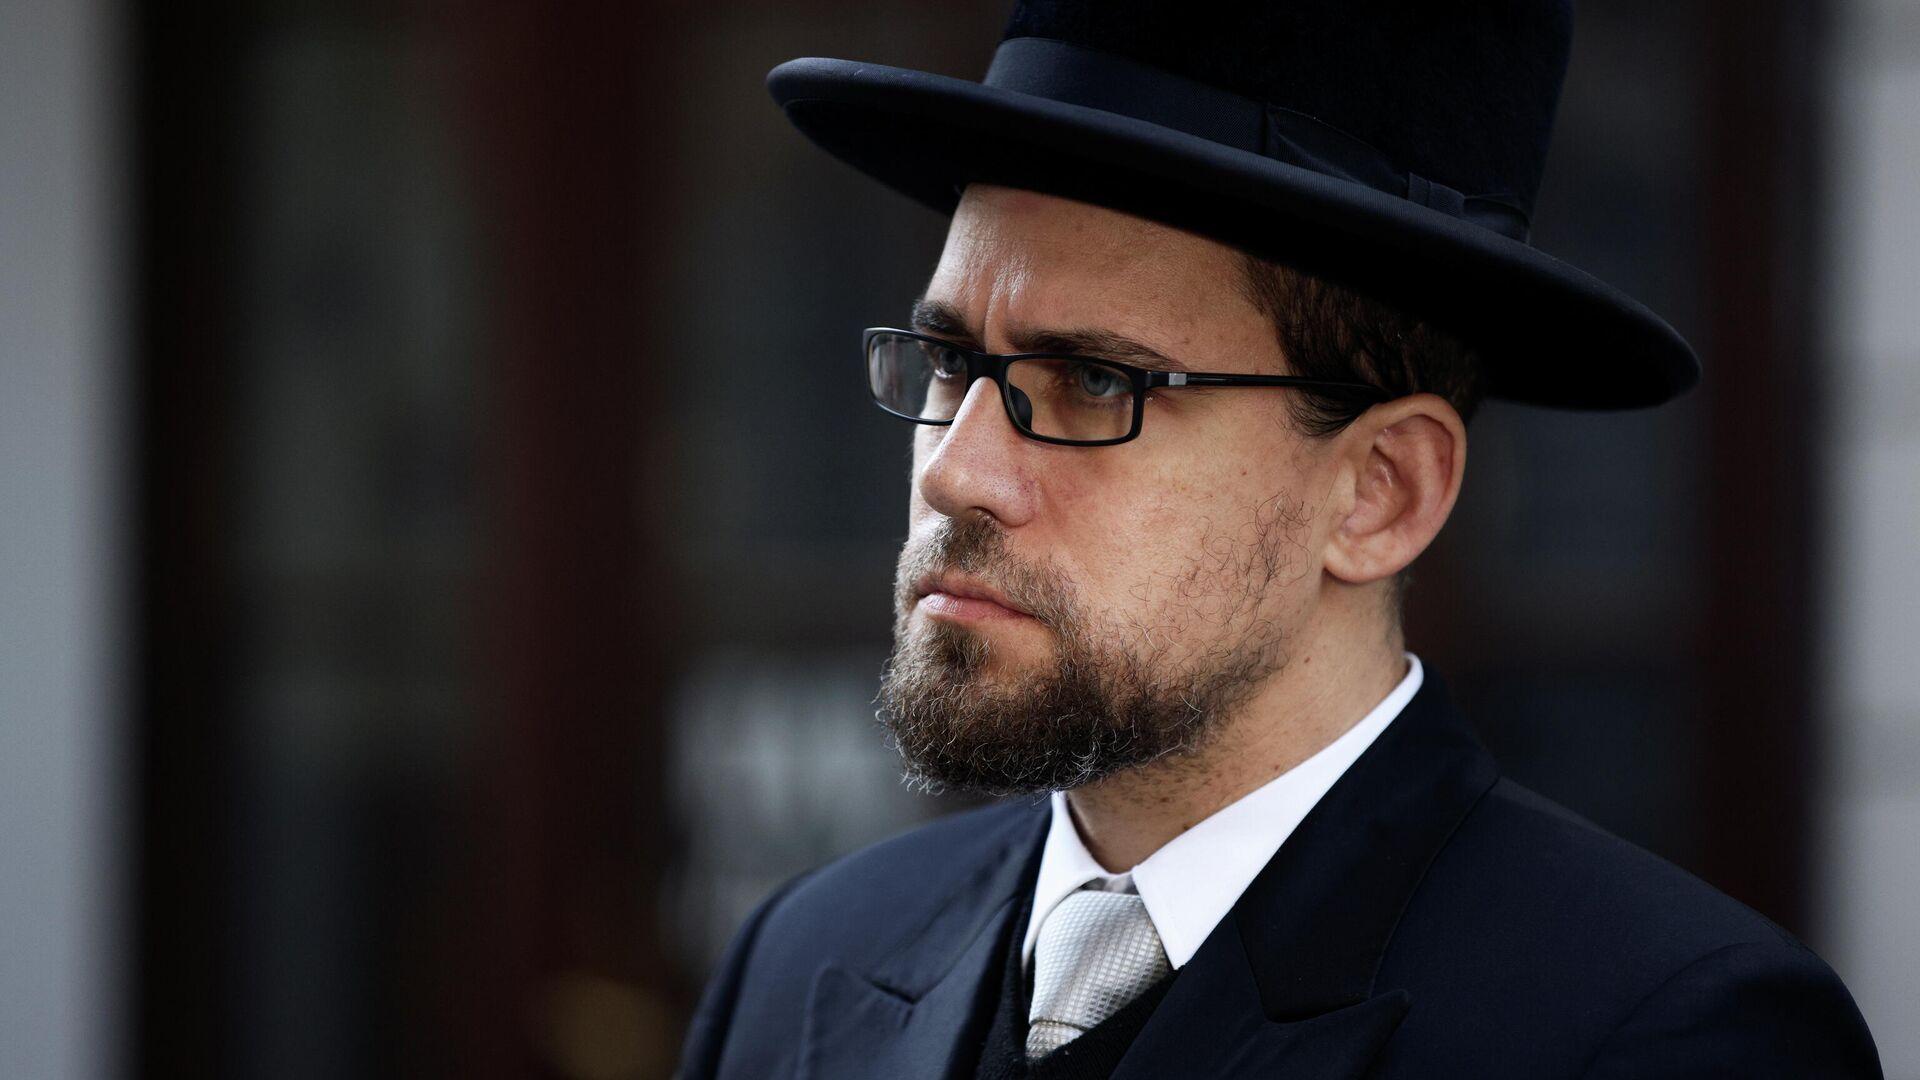 Раввин Шломо Хофмейстер около синагоги после перестрелки в Вене, Австрия - РИА Новости, 1920, 03.11.2020